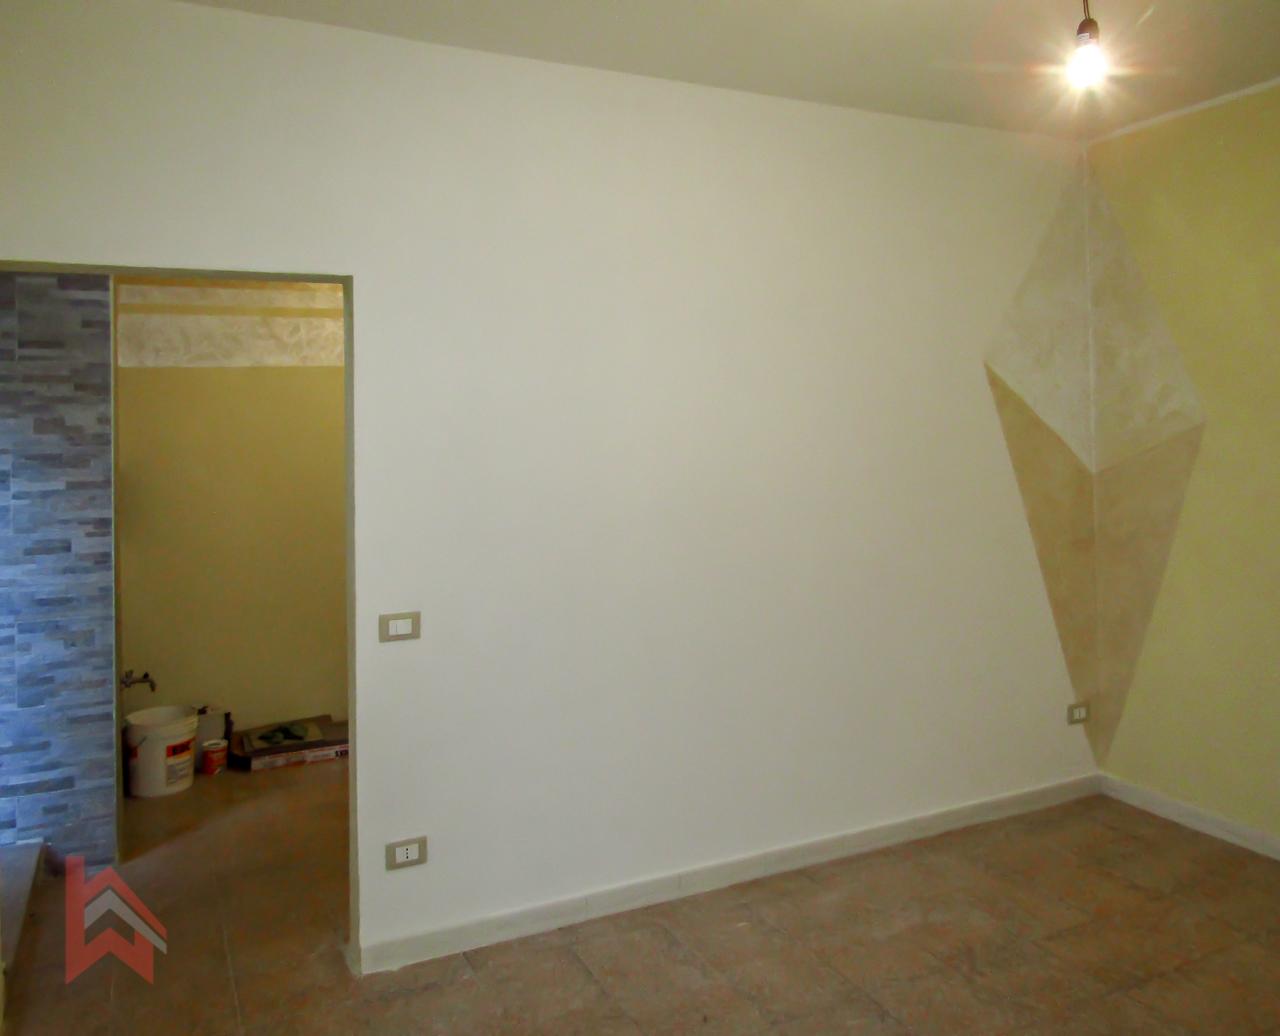 Appartamento in vendita a Livorno, 3 locali, prezzo € 77.000 | CambioCasa.it